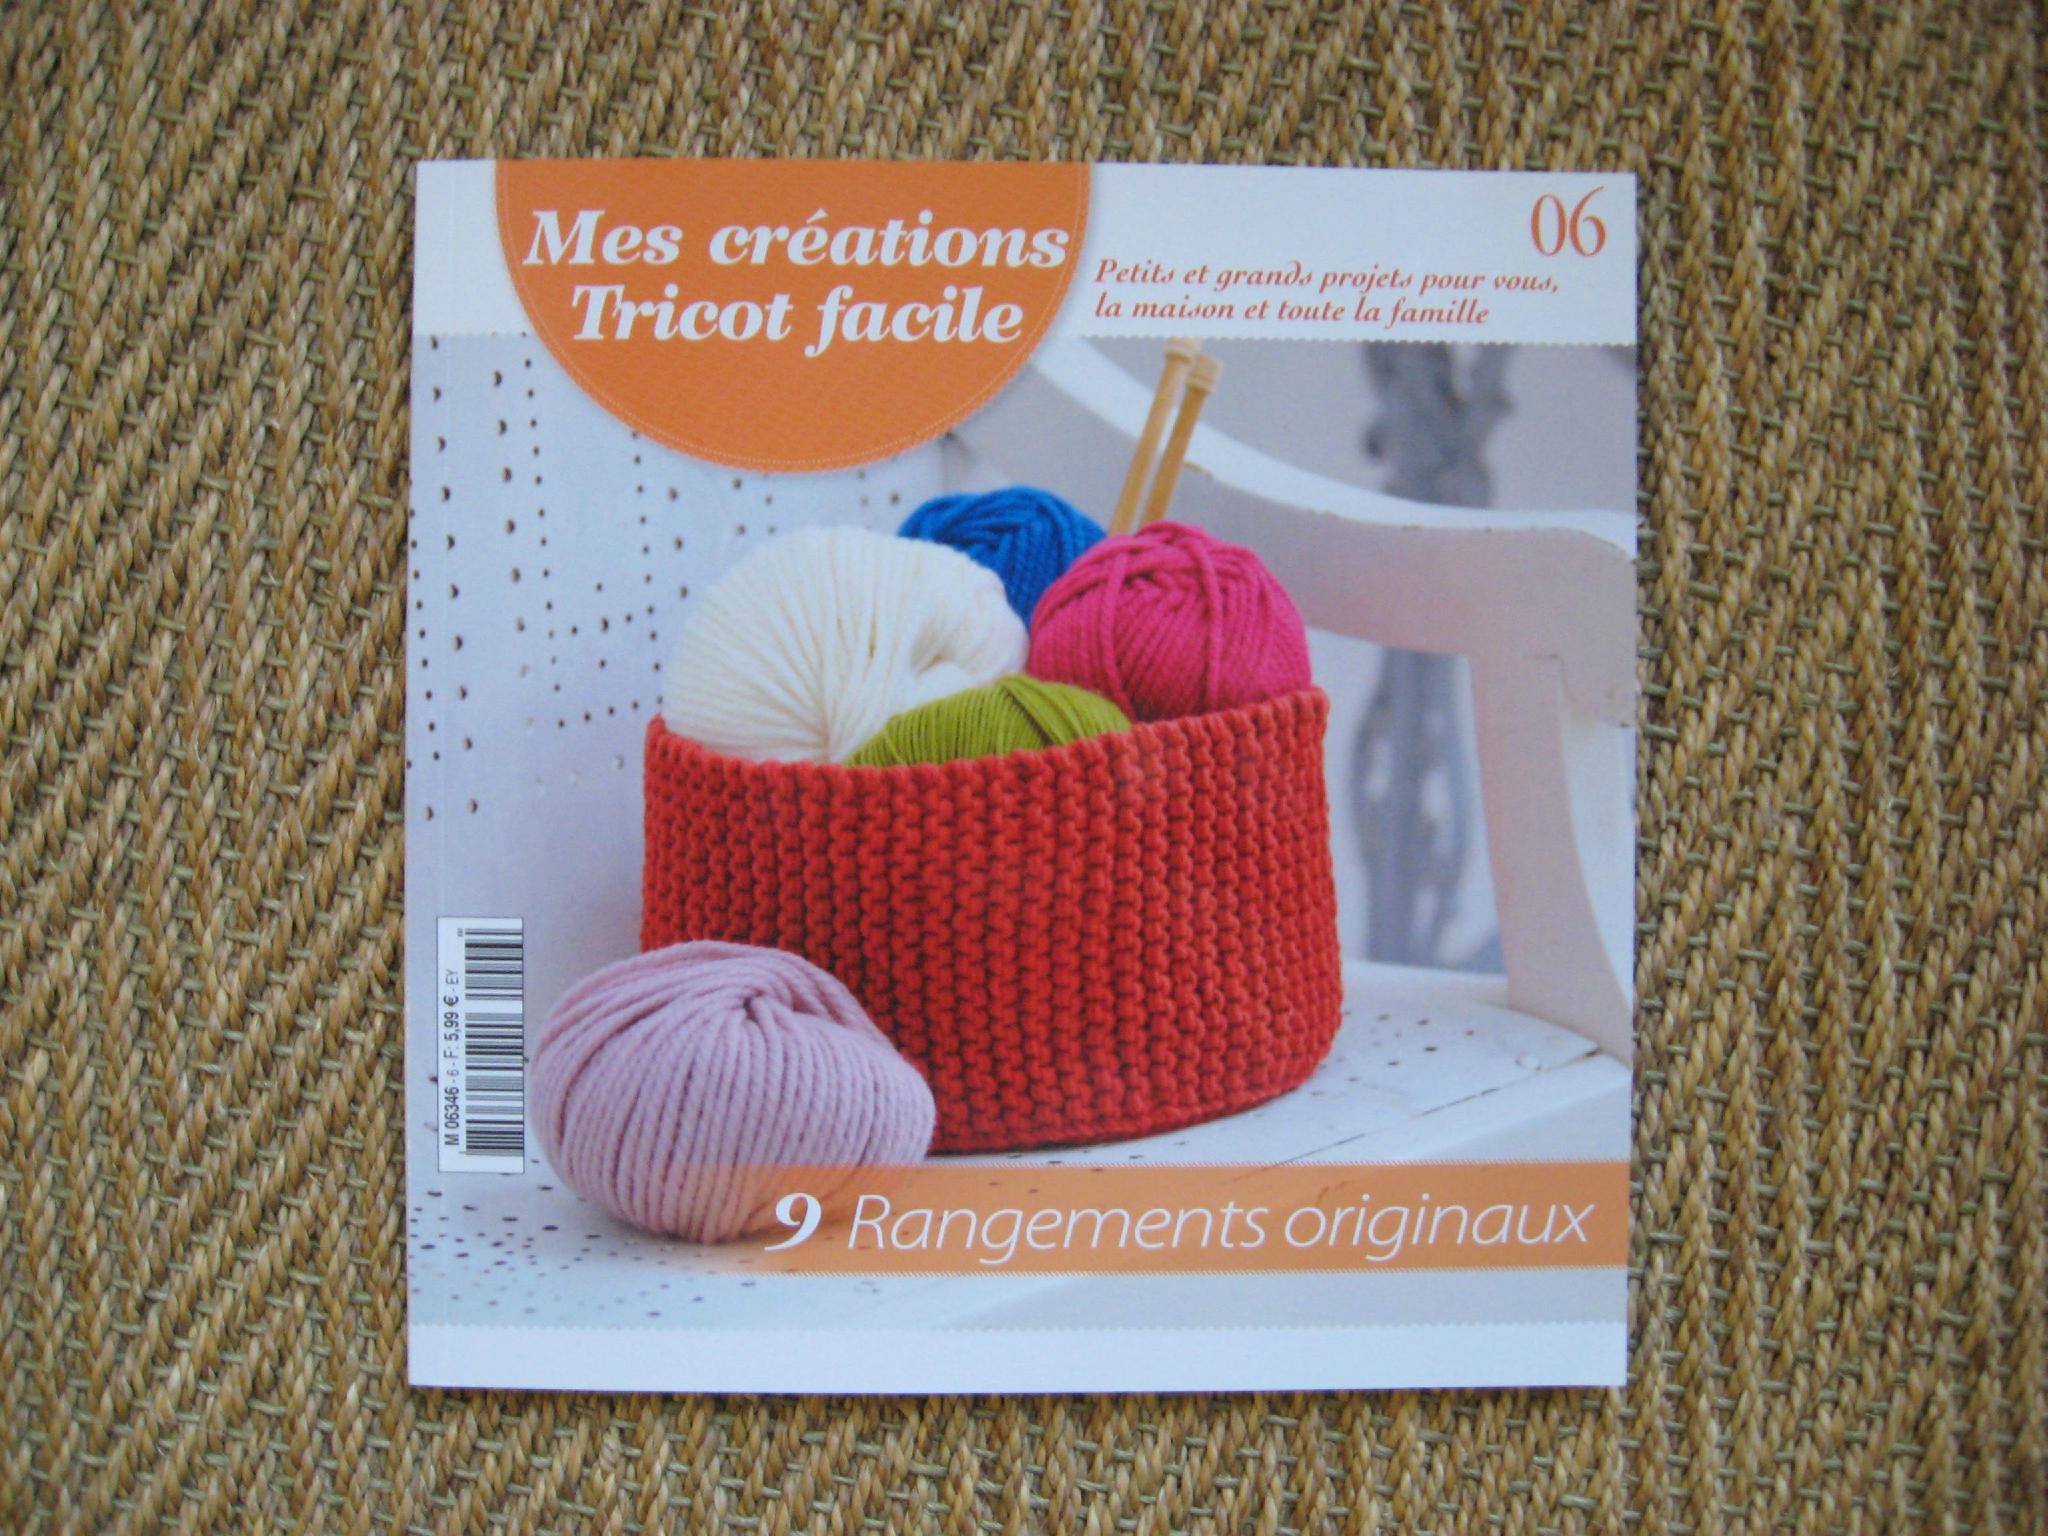 Le tricot facile hachette